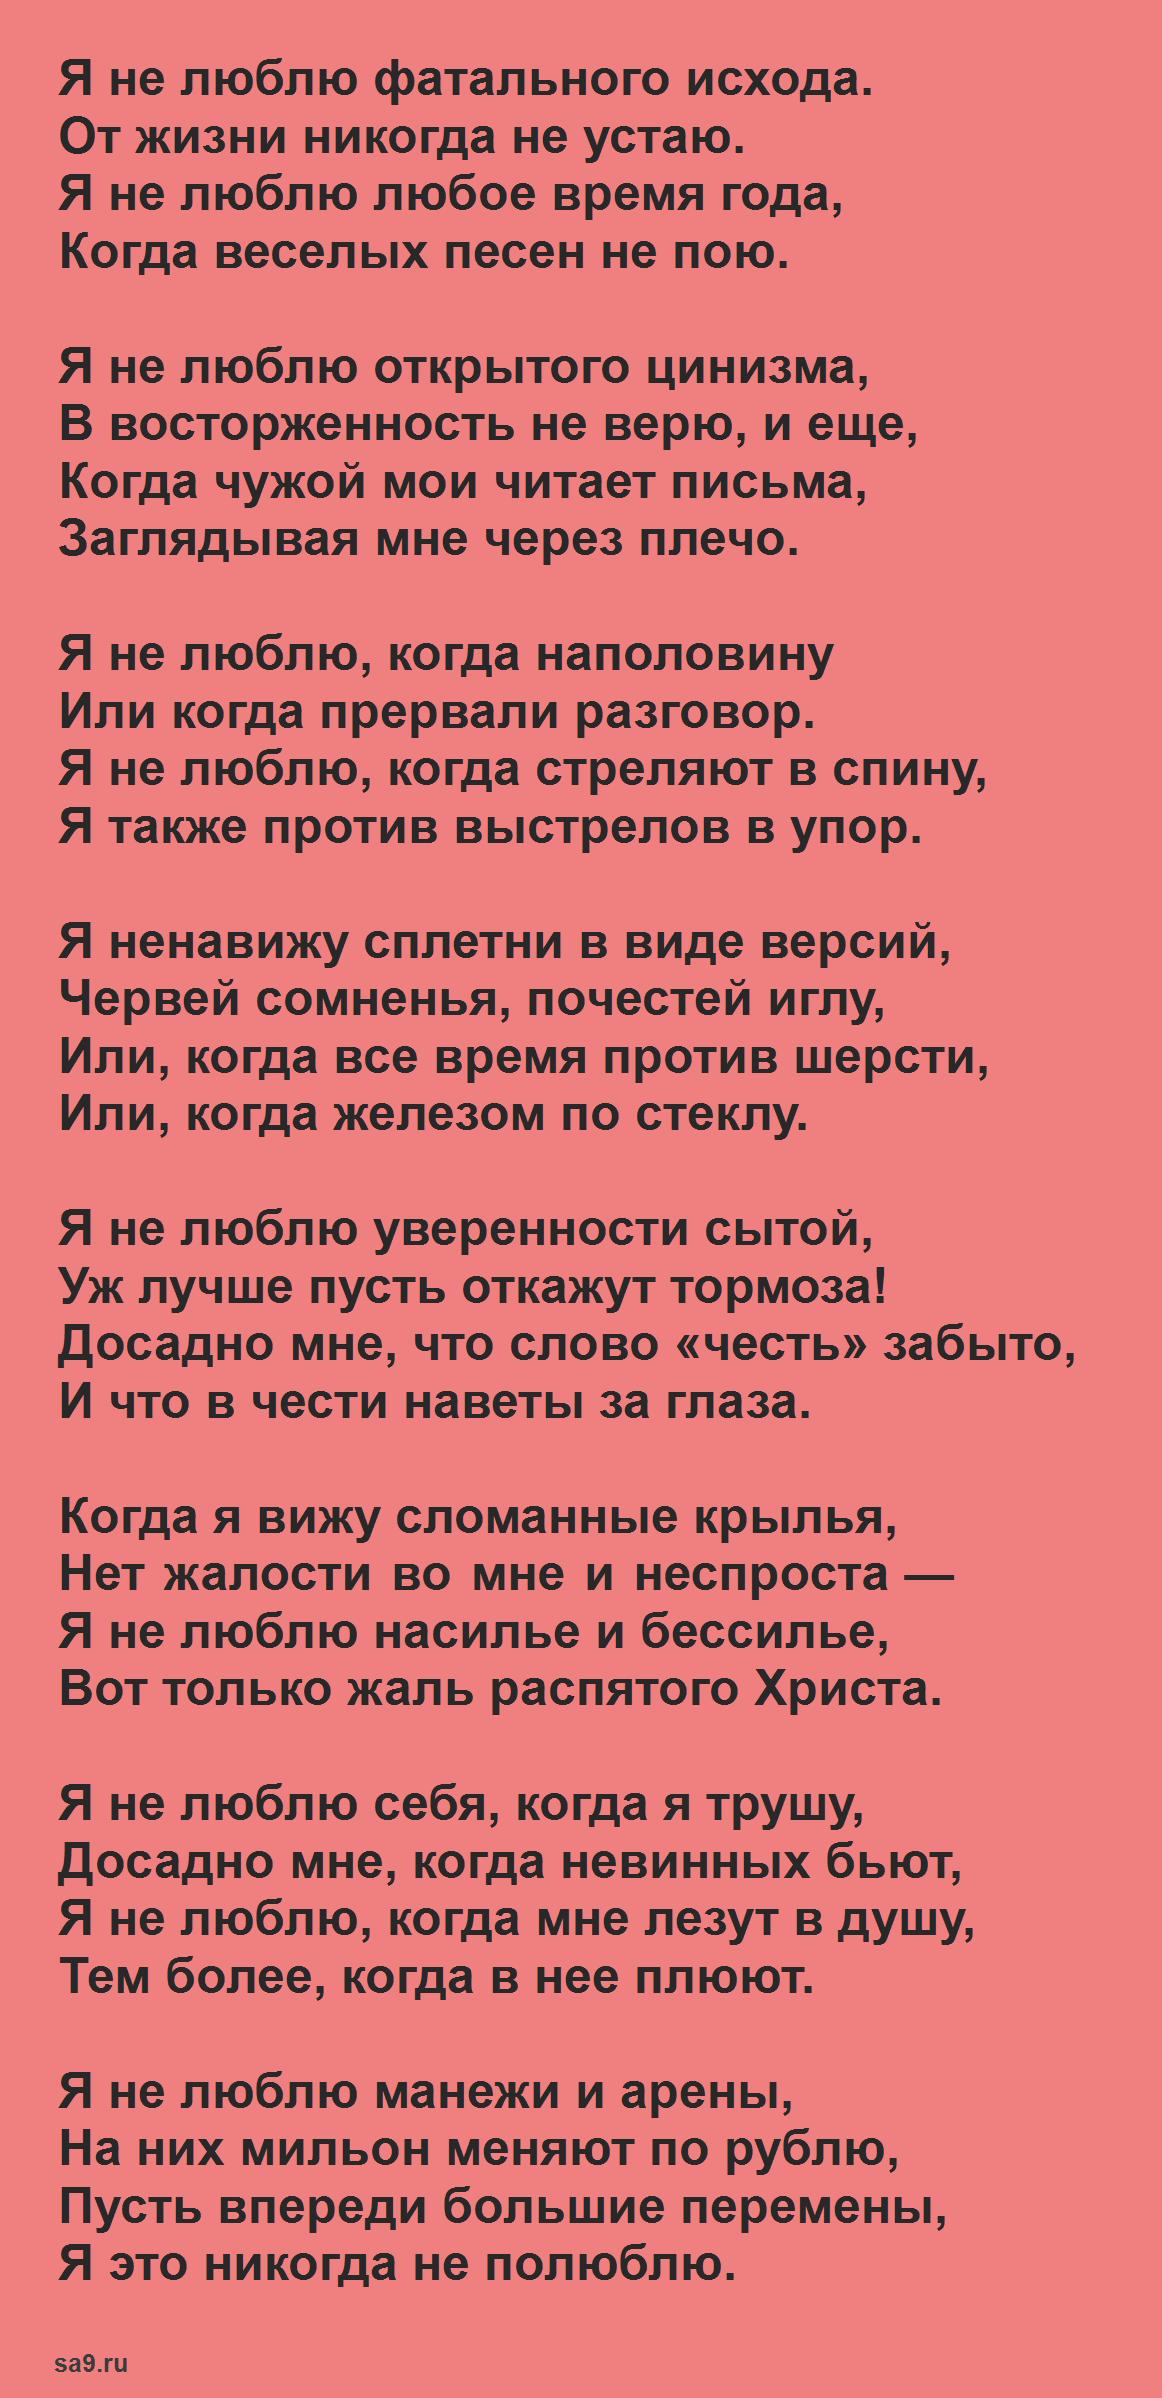 Читаем стихи Высоцкого о жизни - Я не люблю